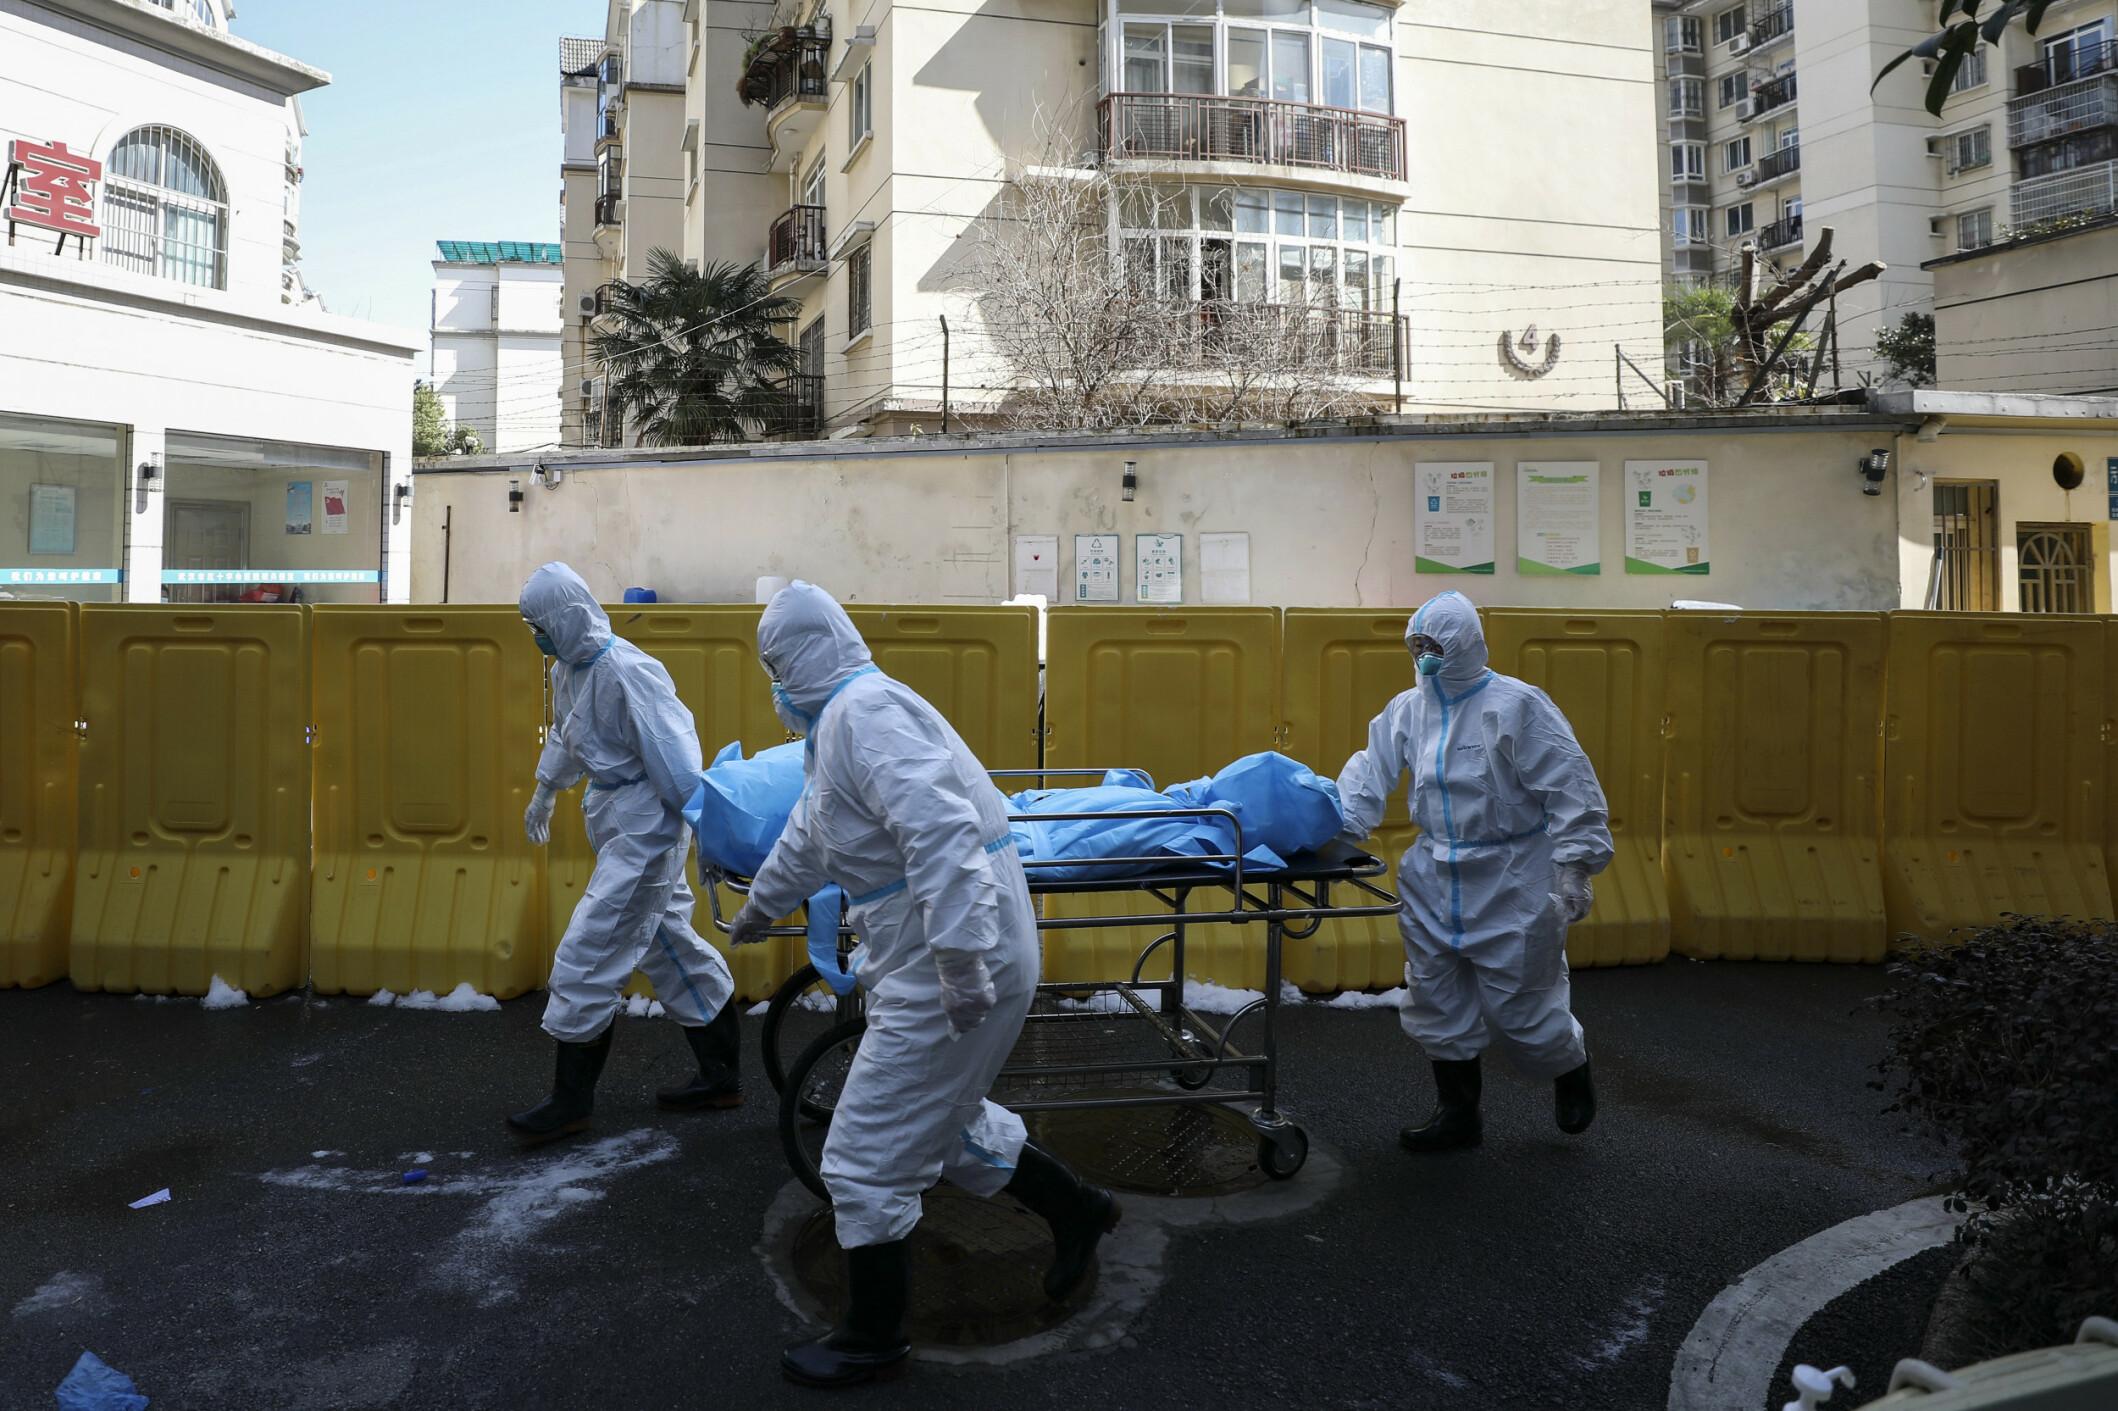 DØDE: 16. februar 2020: Medisinsk personell frakter ut en person som døde av COVID-19 på et sykehus i Wuhan. Foto AP/NTB